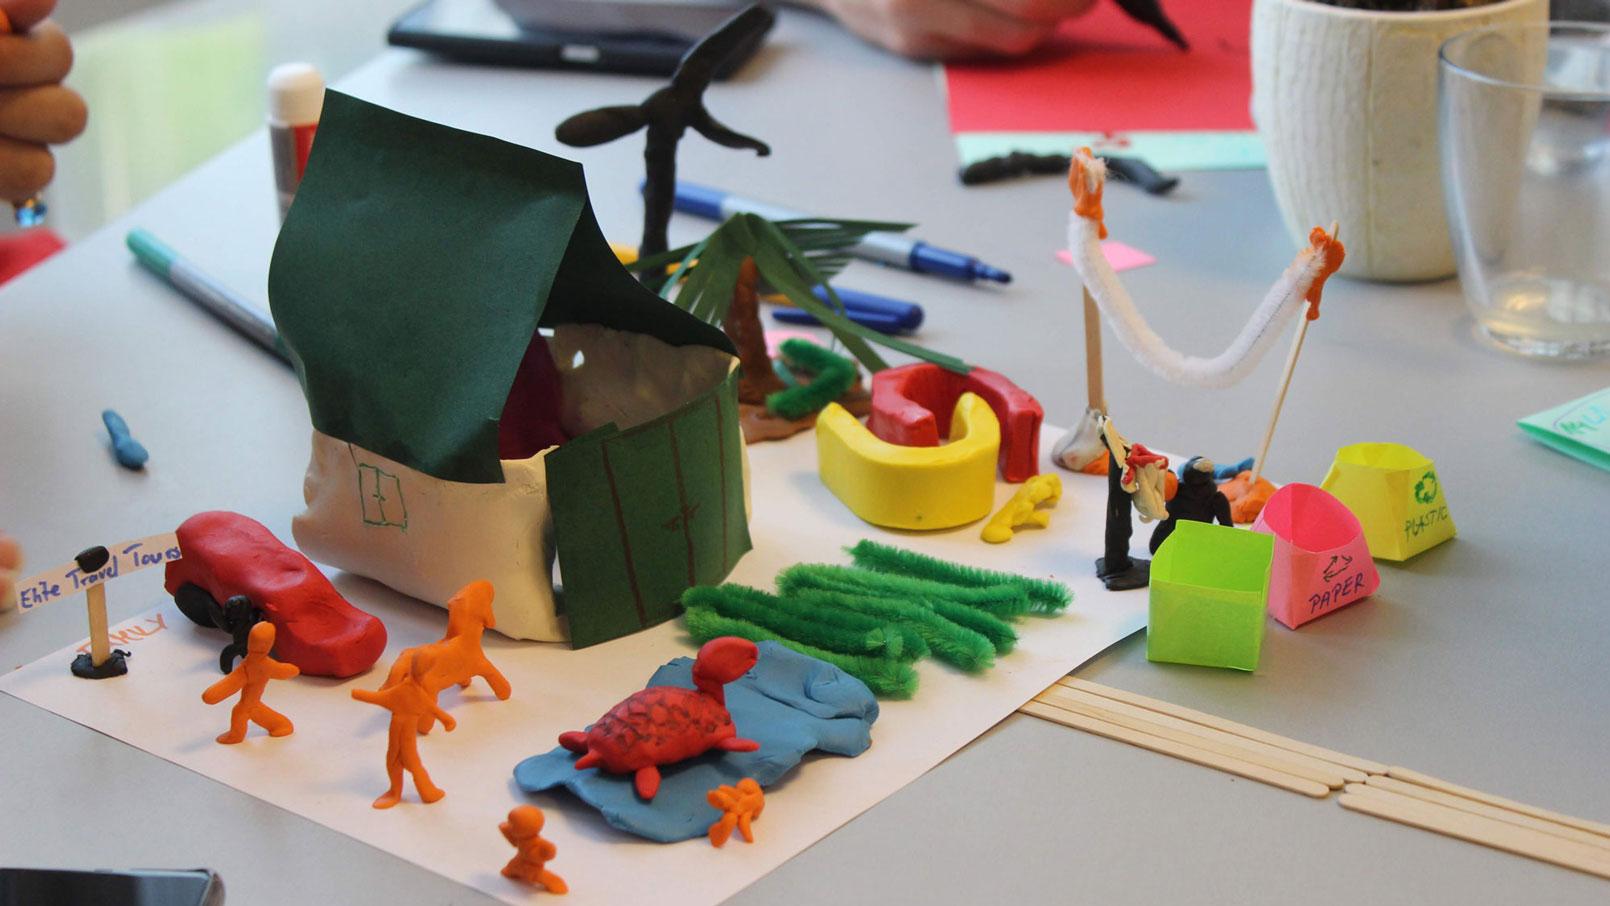 The creative playground